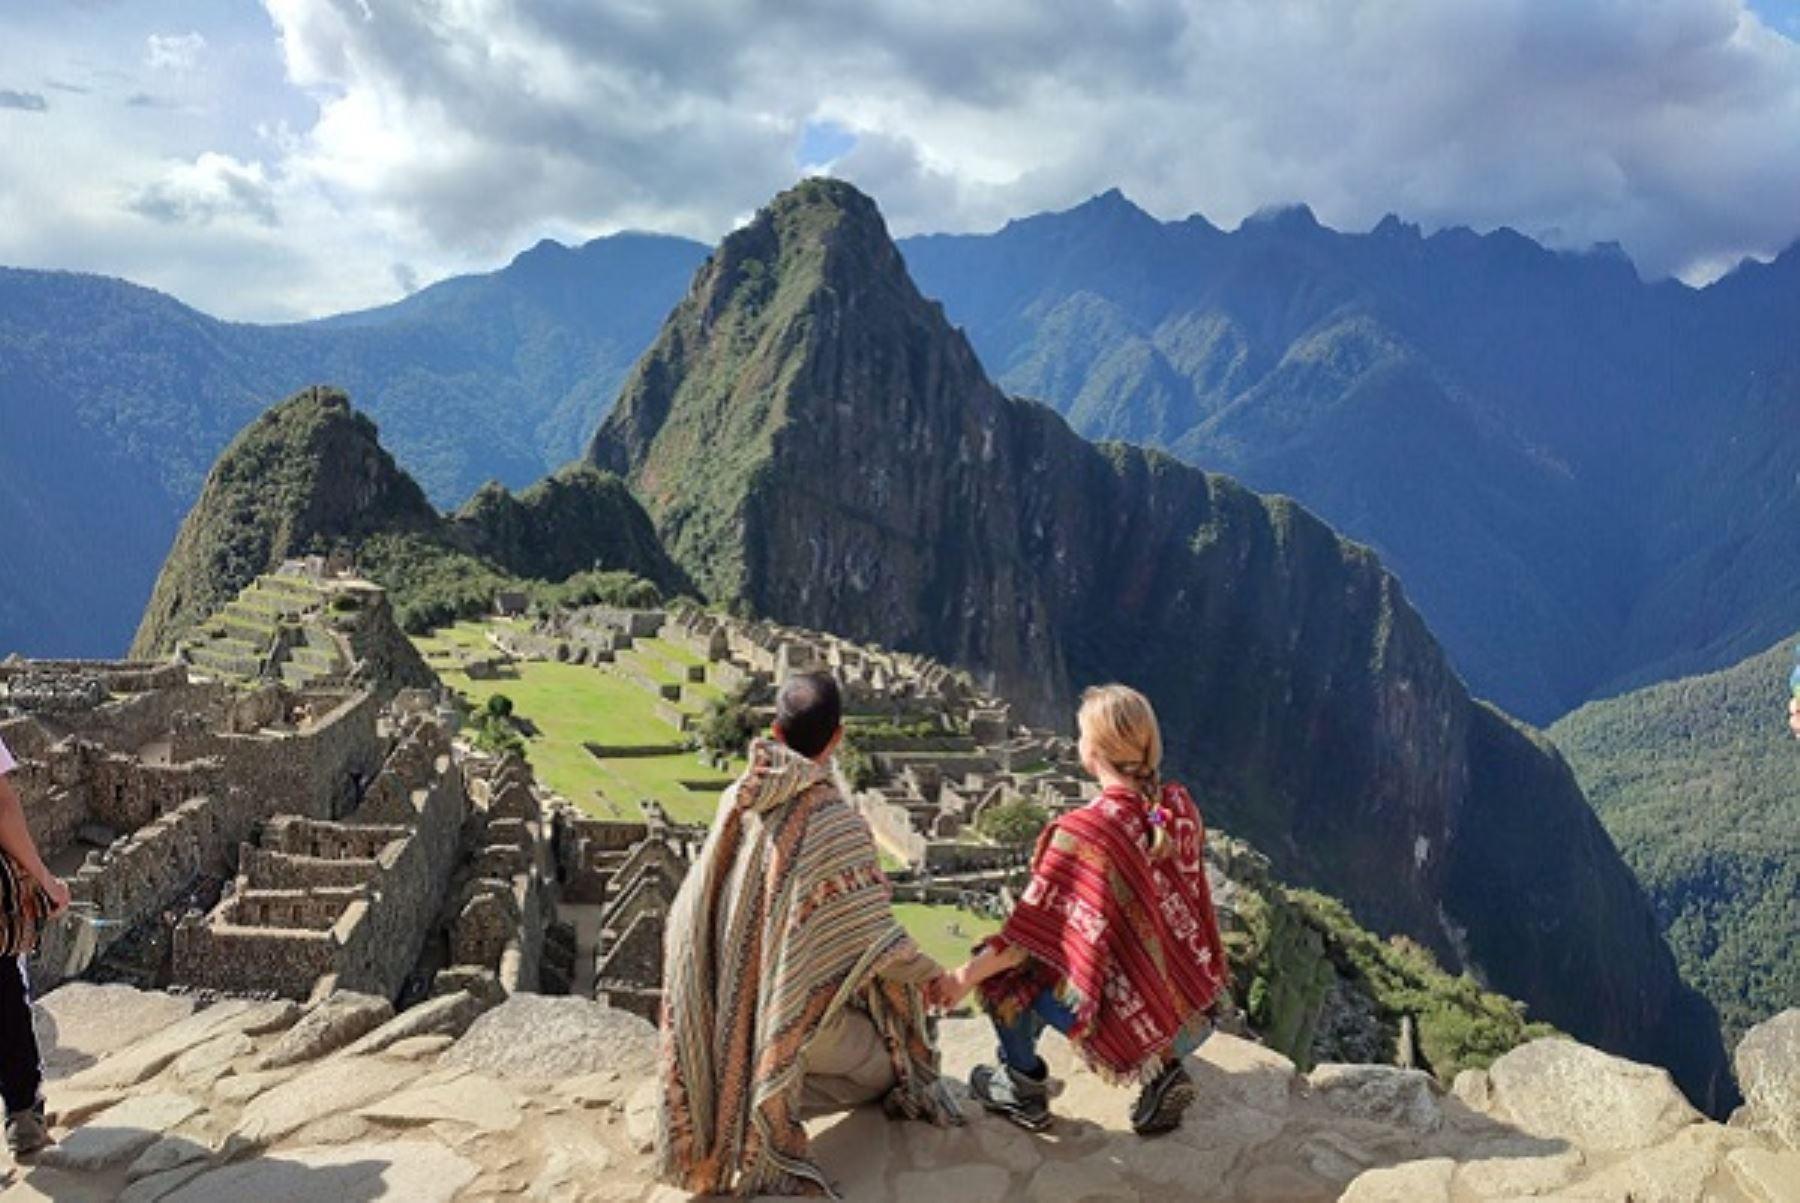 """Ganadores de la campaña """"Sabores del Perú"""", realizada en España por Promperú y la embajada peruana en Madrid, contemplan Machu Picchu. Foto: Cortesía."""